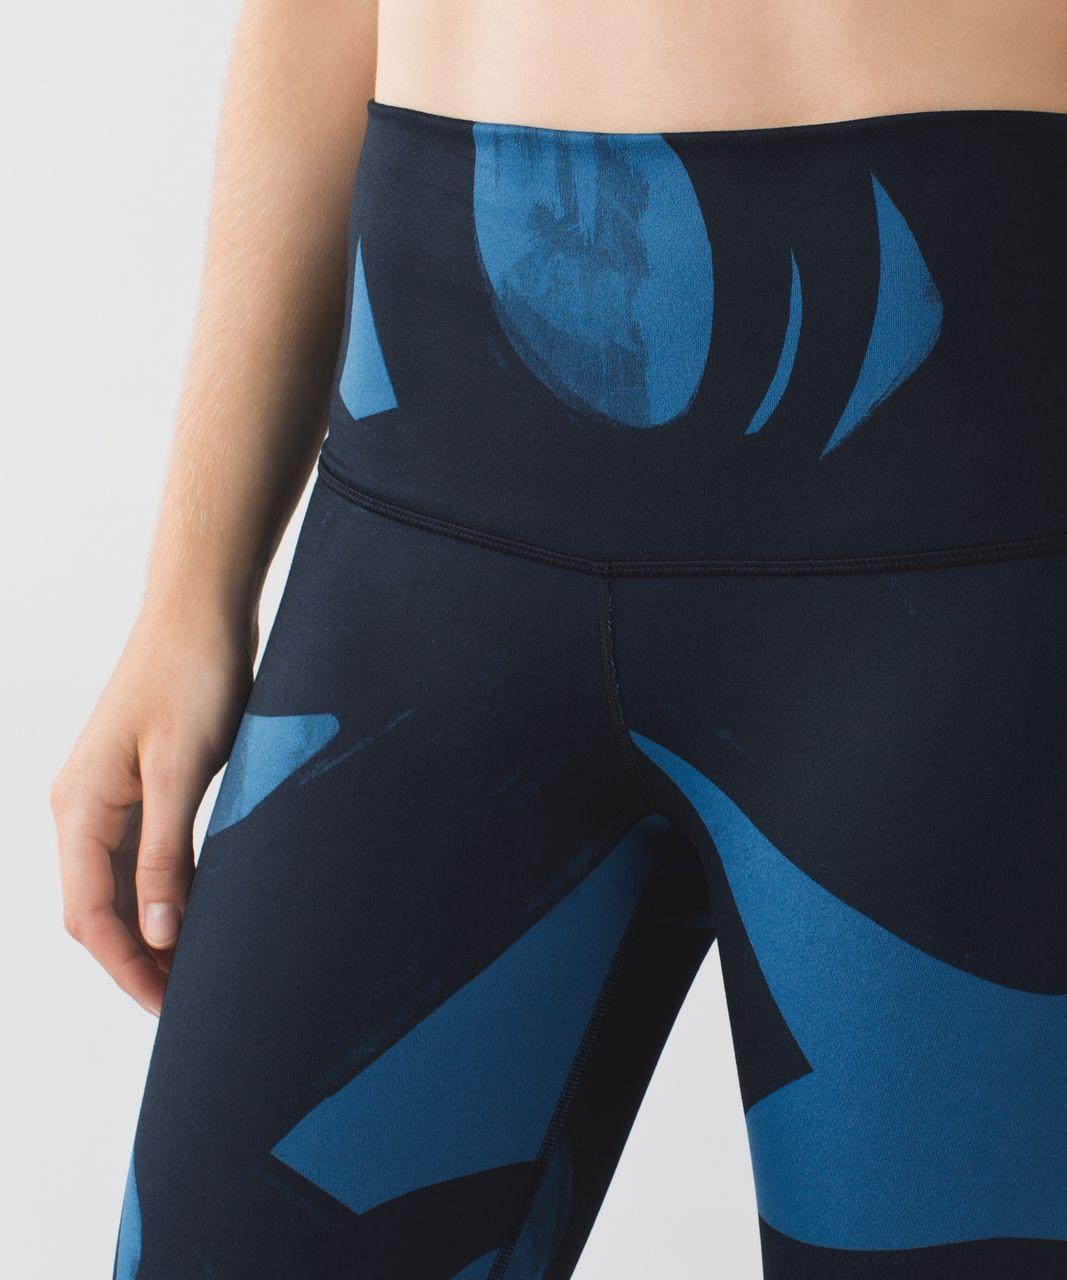 Lululemon Wunder Under Pant *Full-On Luon (Roll Down) - Back Spin Stroke Poseidon Black